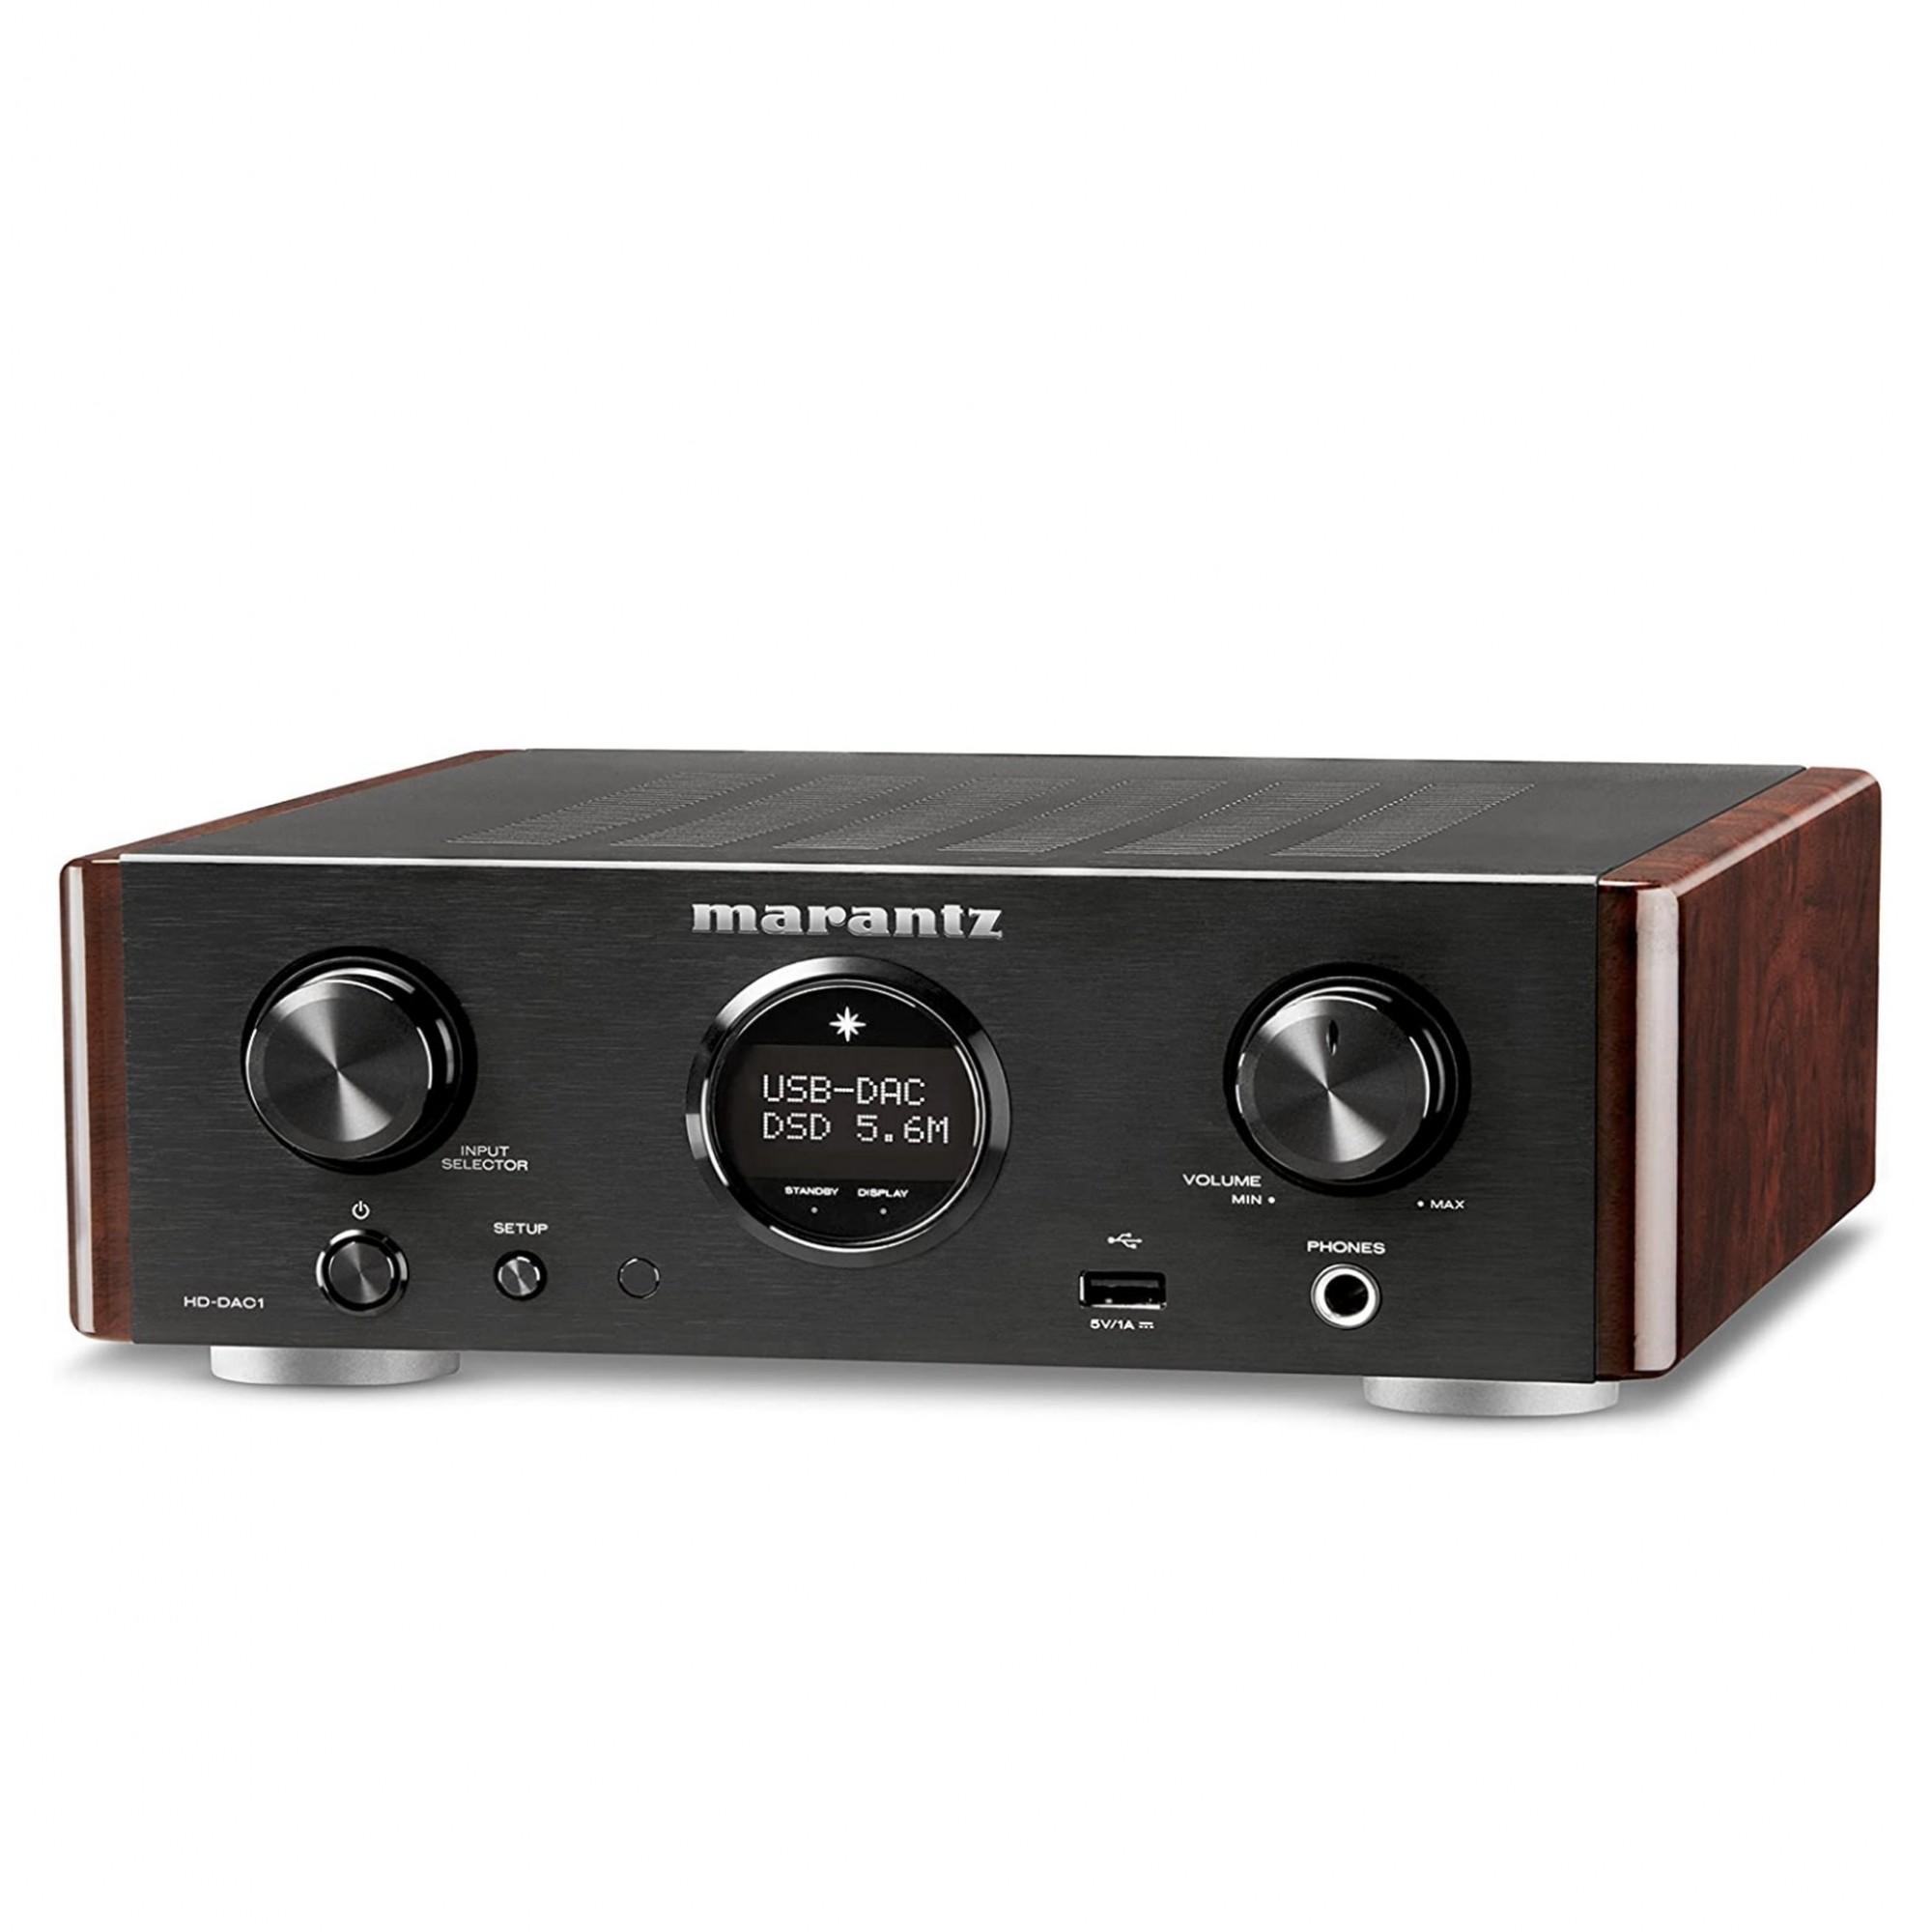 Marantz HD-dac1 Amplificador De Fones De Ouvido